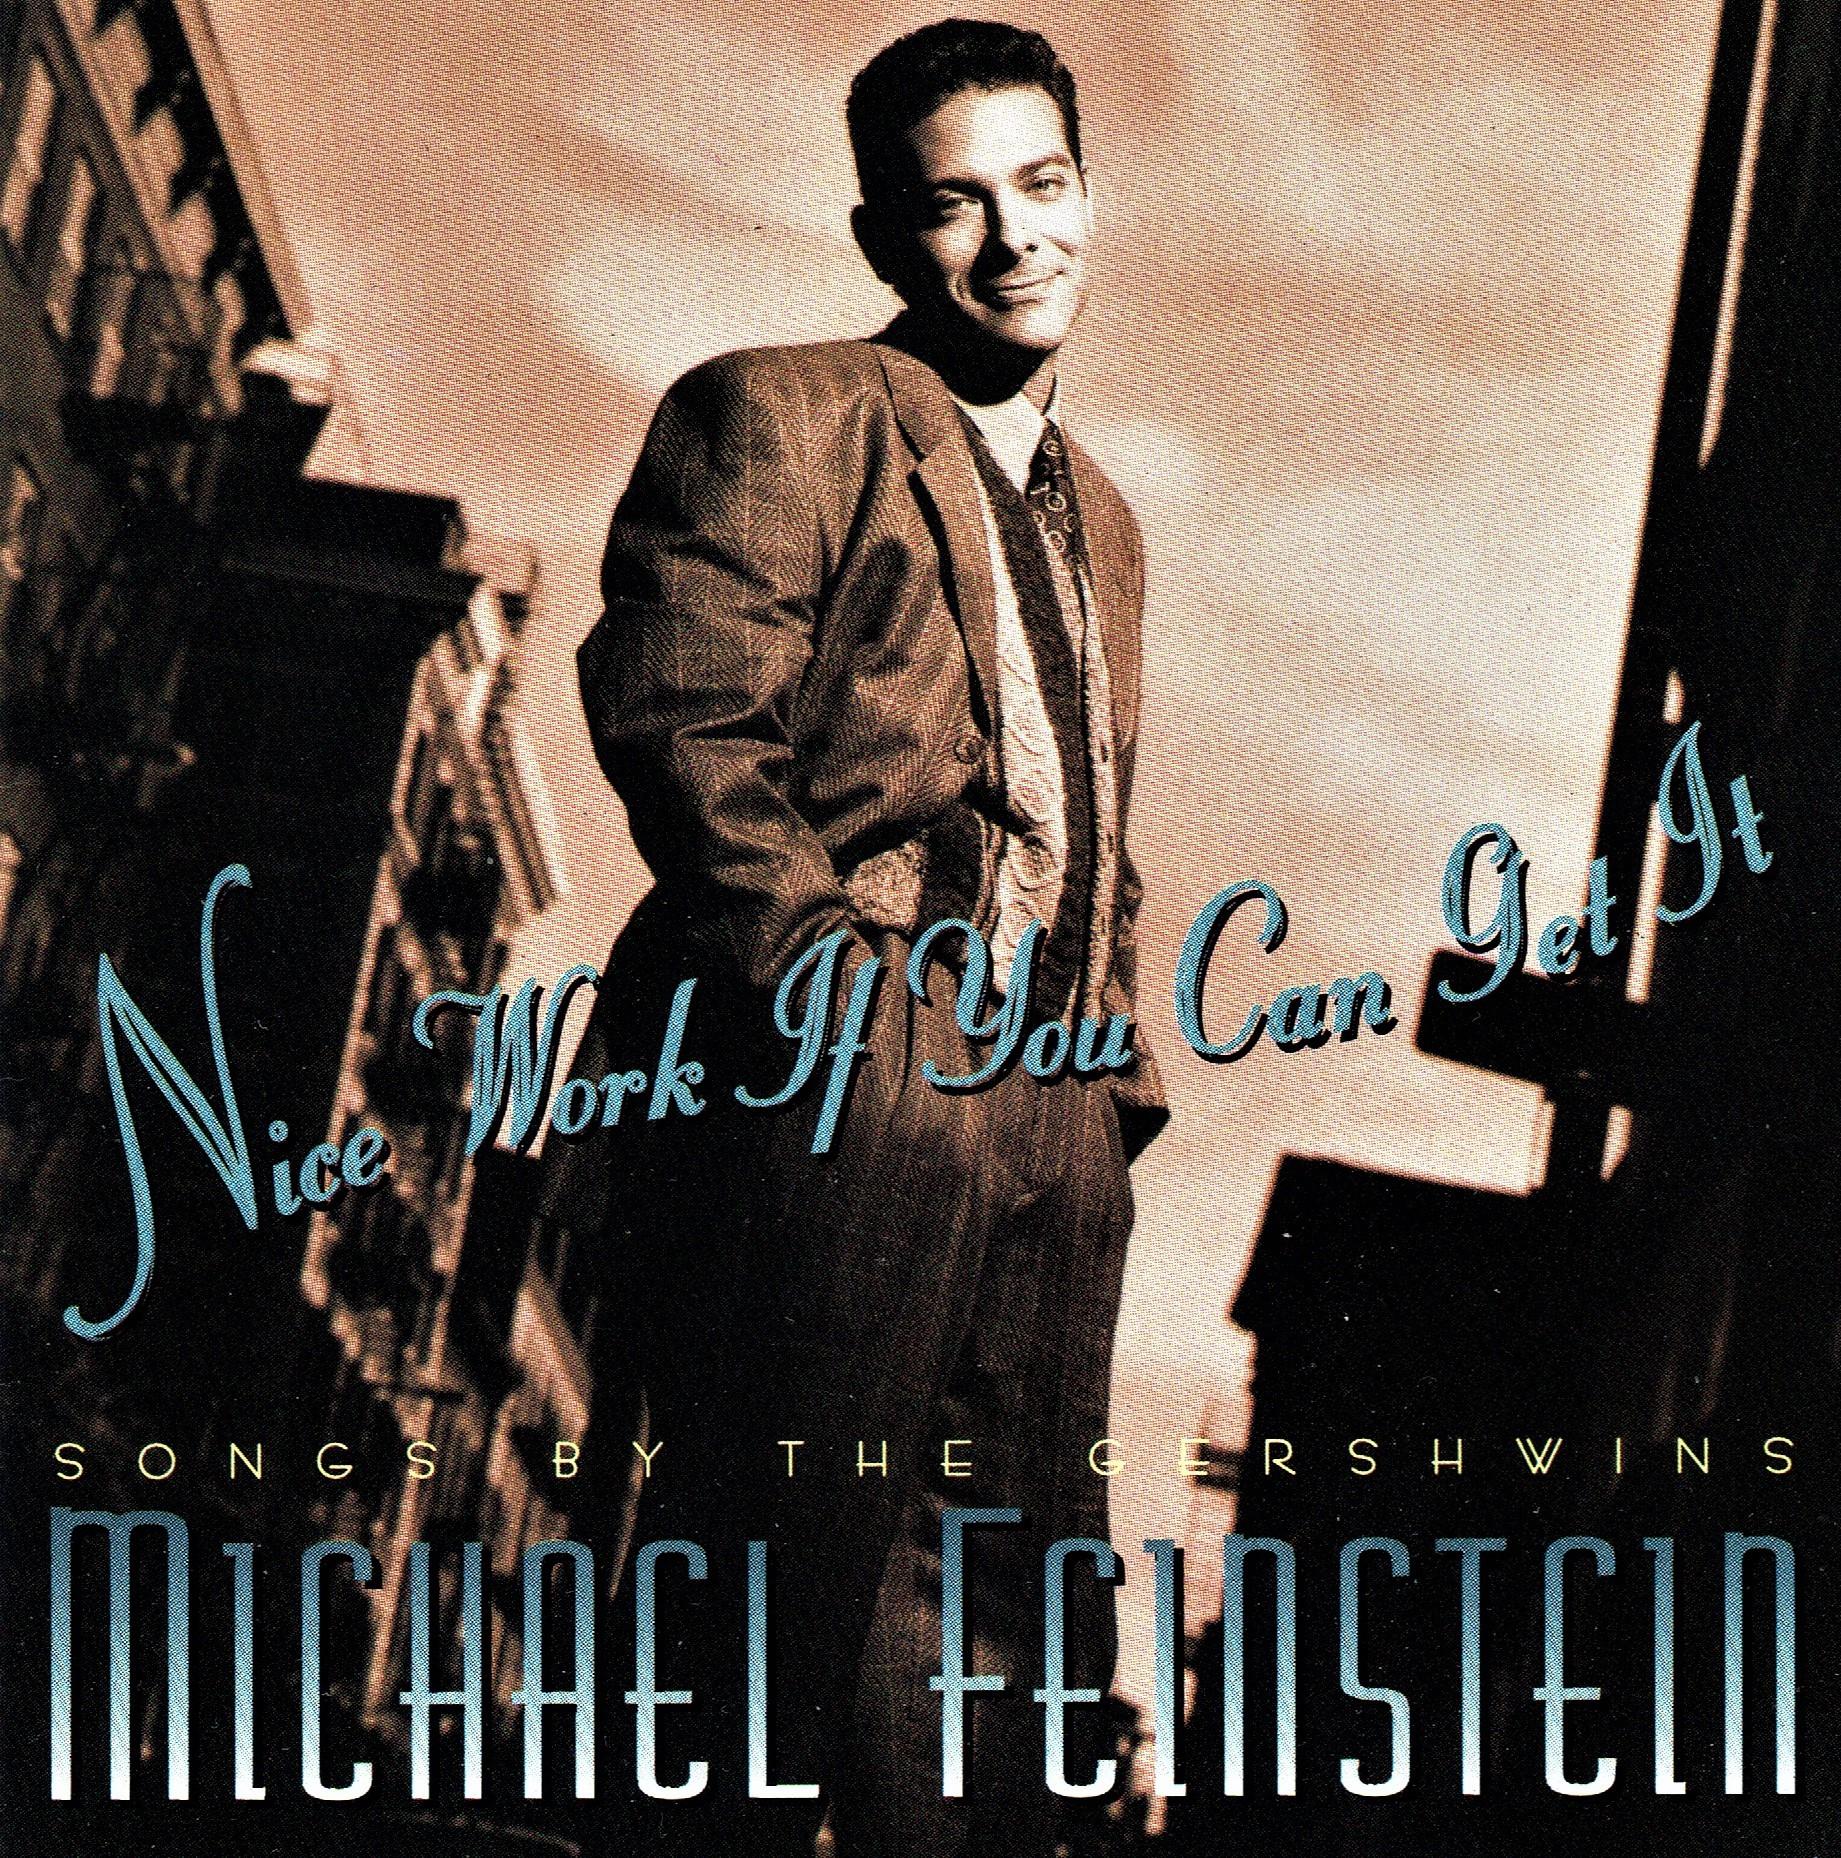 ファインスタインが、1996年に発表したガーシュウィン歌曲集「ナイス・ワーク・イフ・ユー・キャン・ゲット・イット」(輸入盤で入手可)